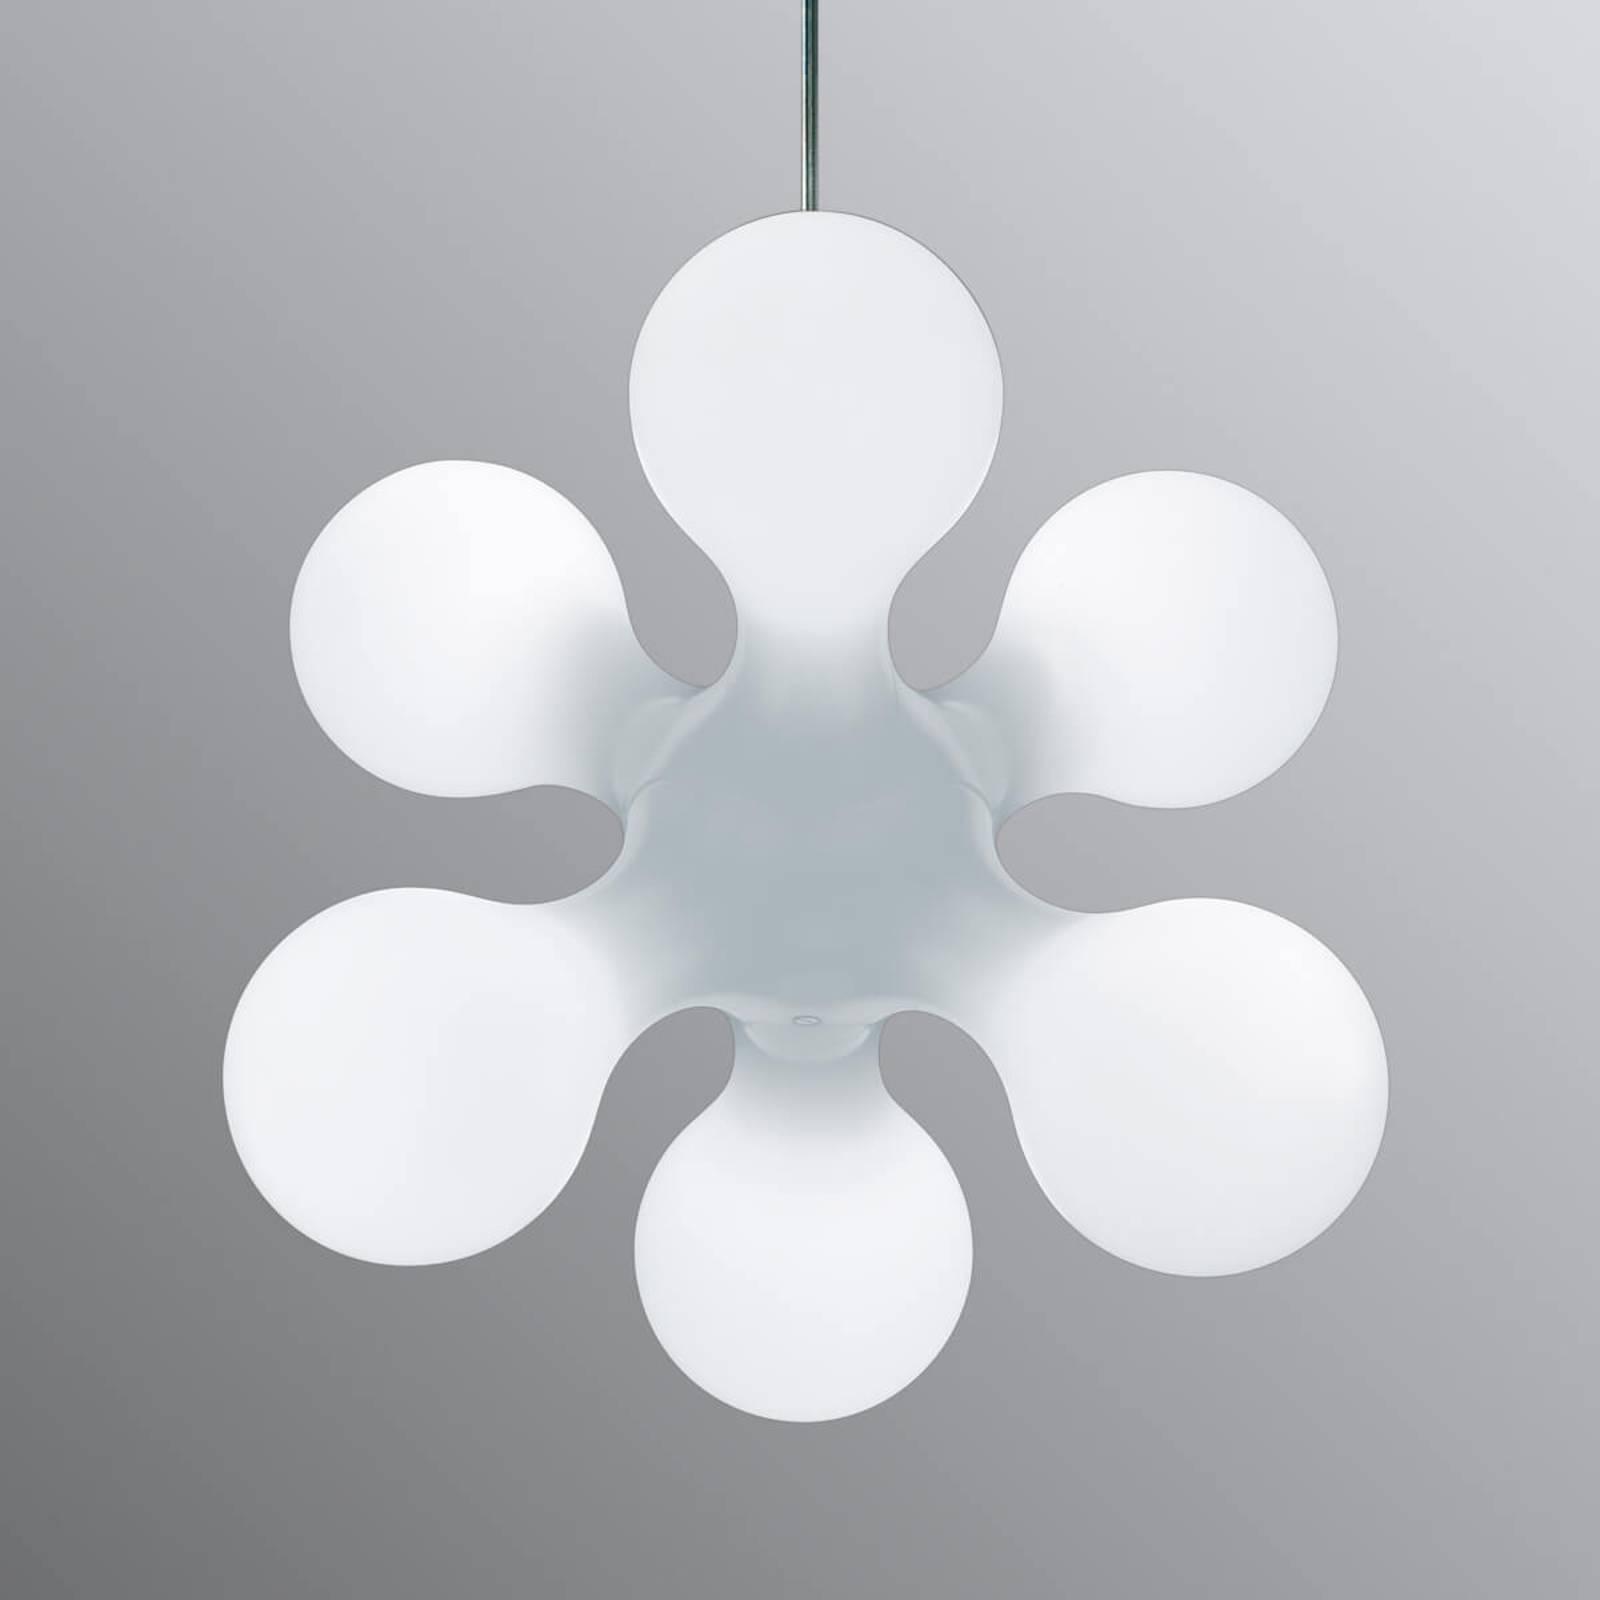 Tyylikäs design riippuvalaisin Atomium